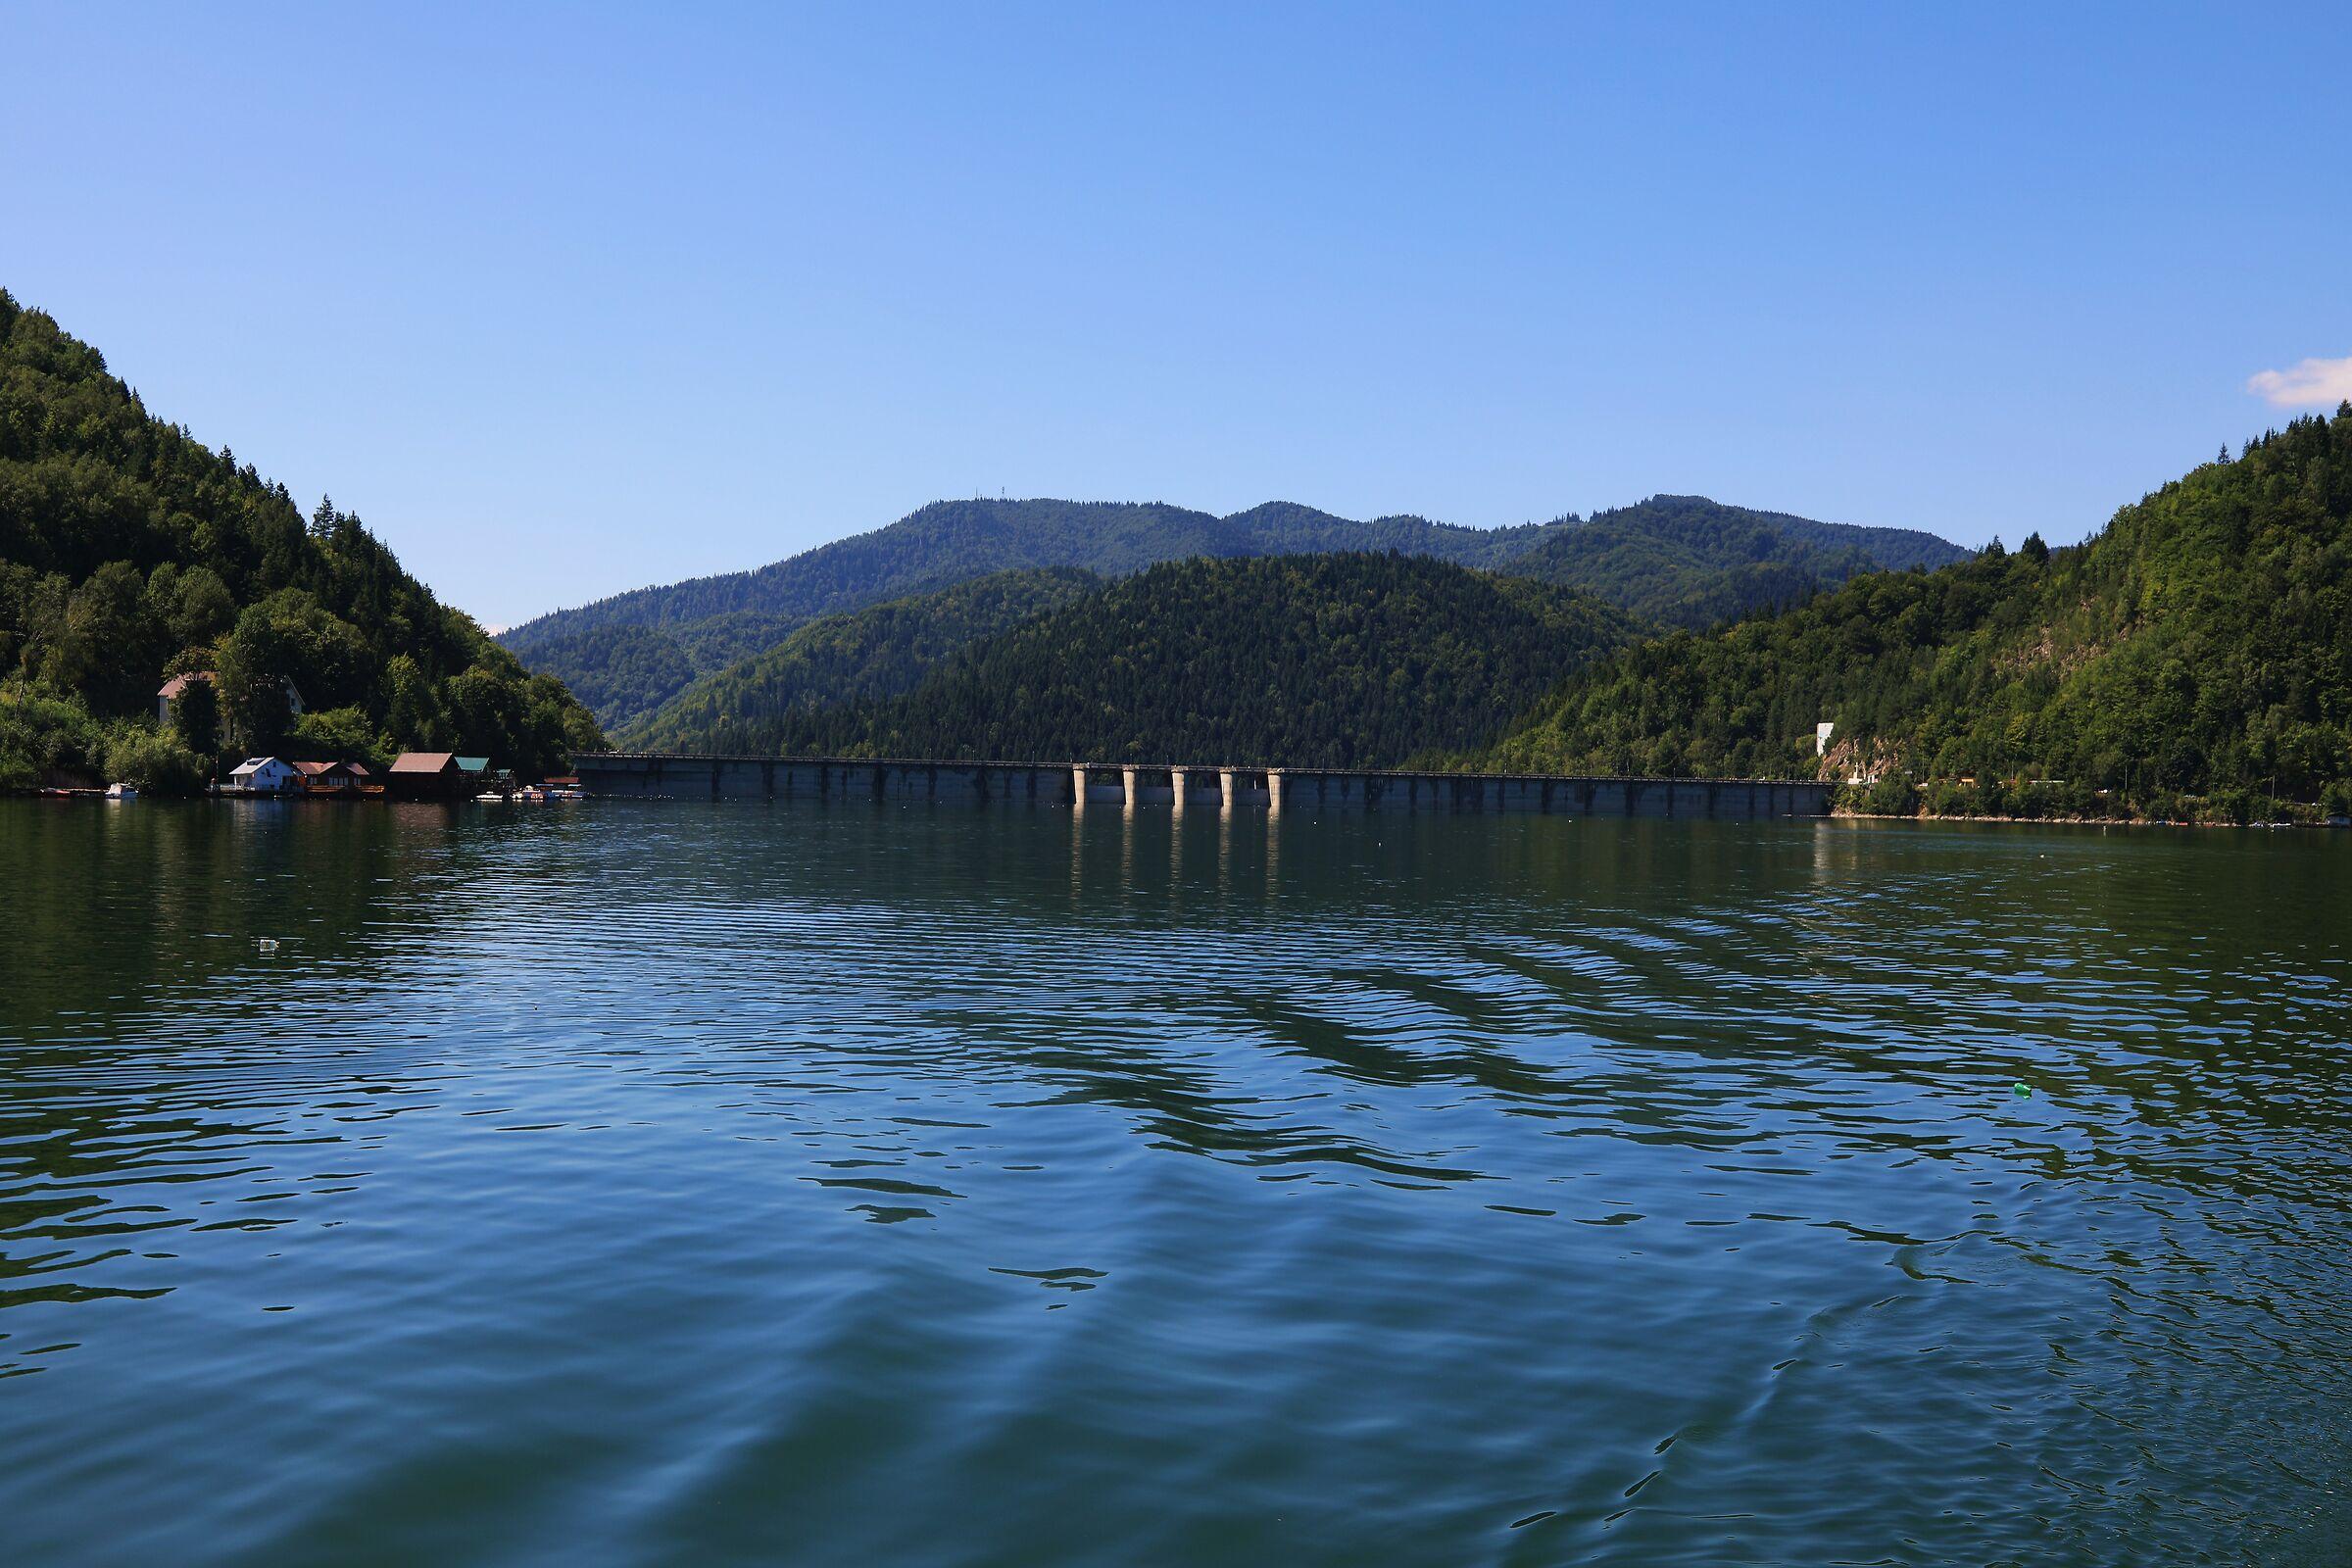 Lacul Izvorul Muntelui Bicaz Romania 2...